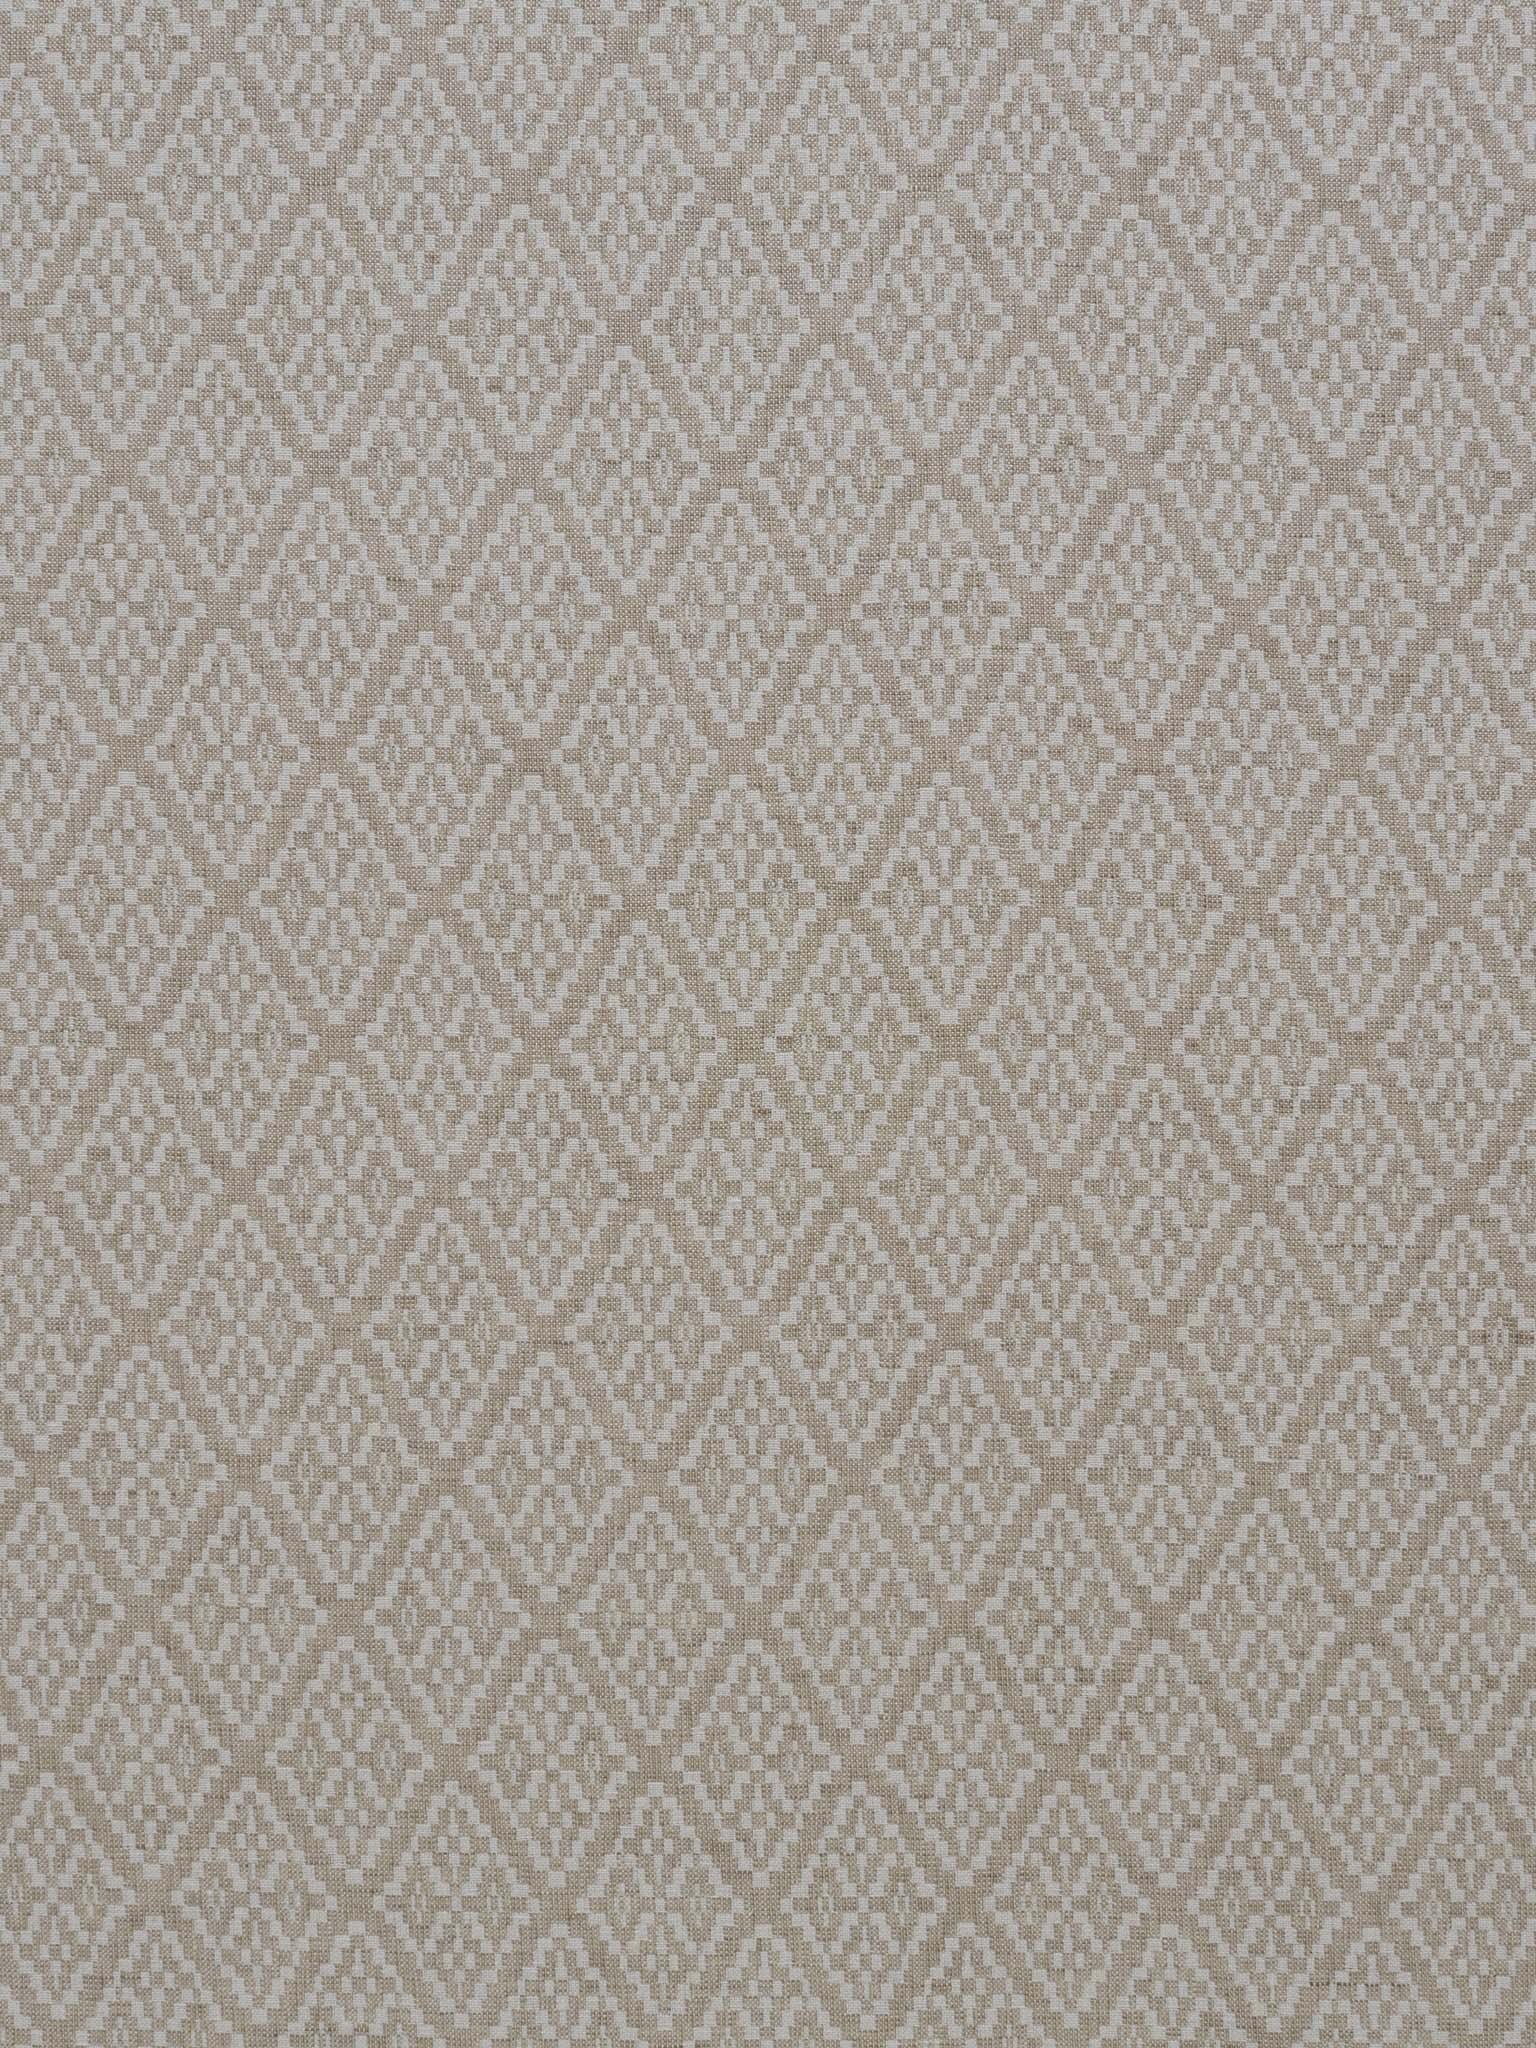 Lace Diamond DE92086/EE